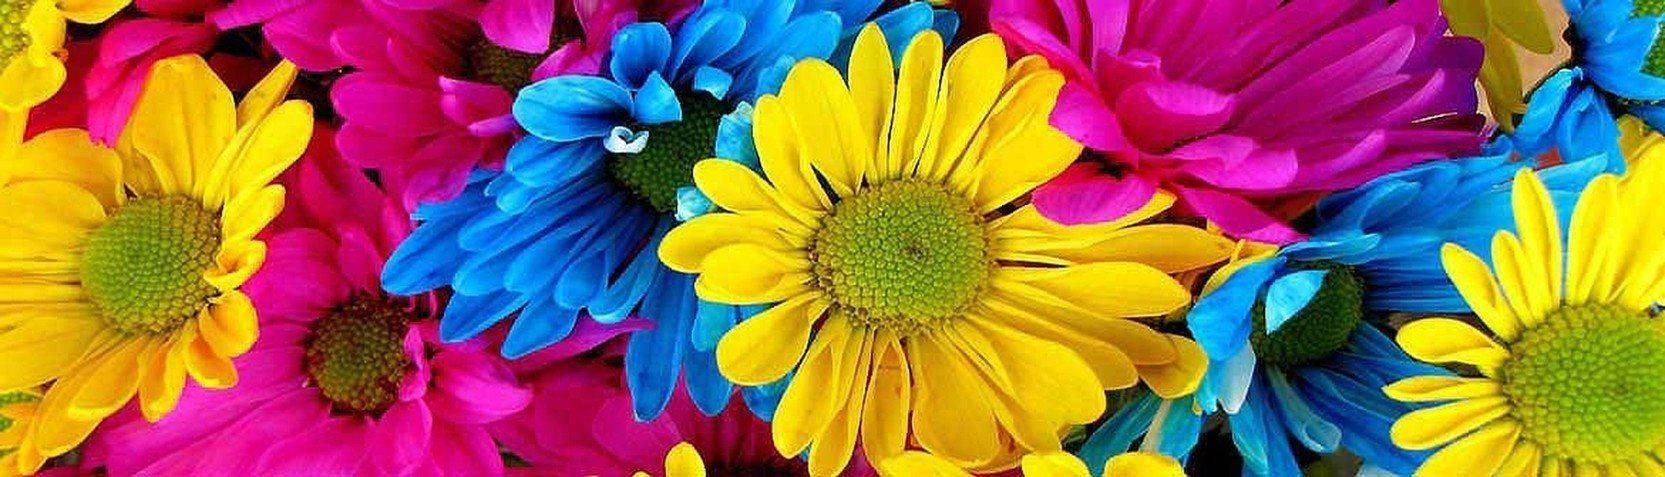 Kolleksjoner - Blomstermotiver